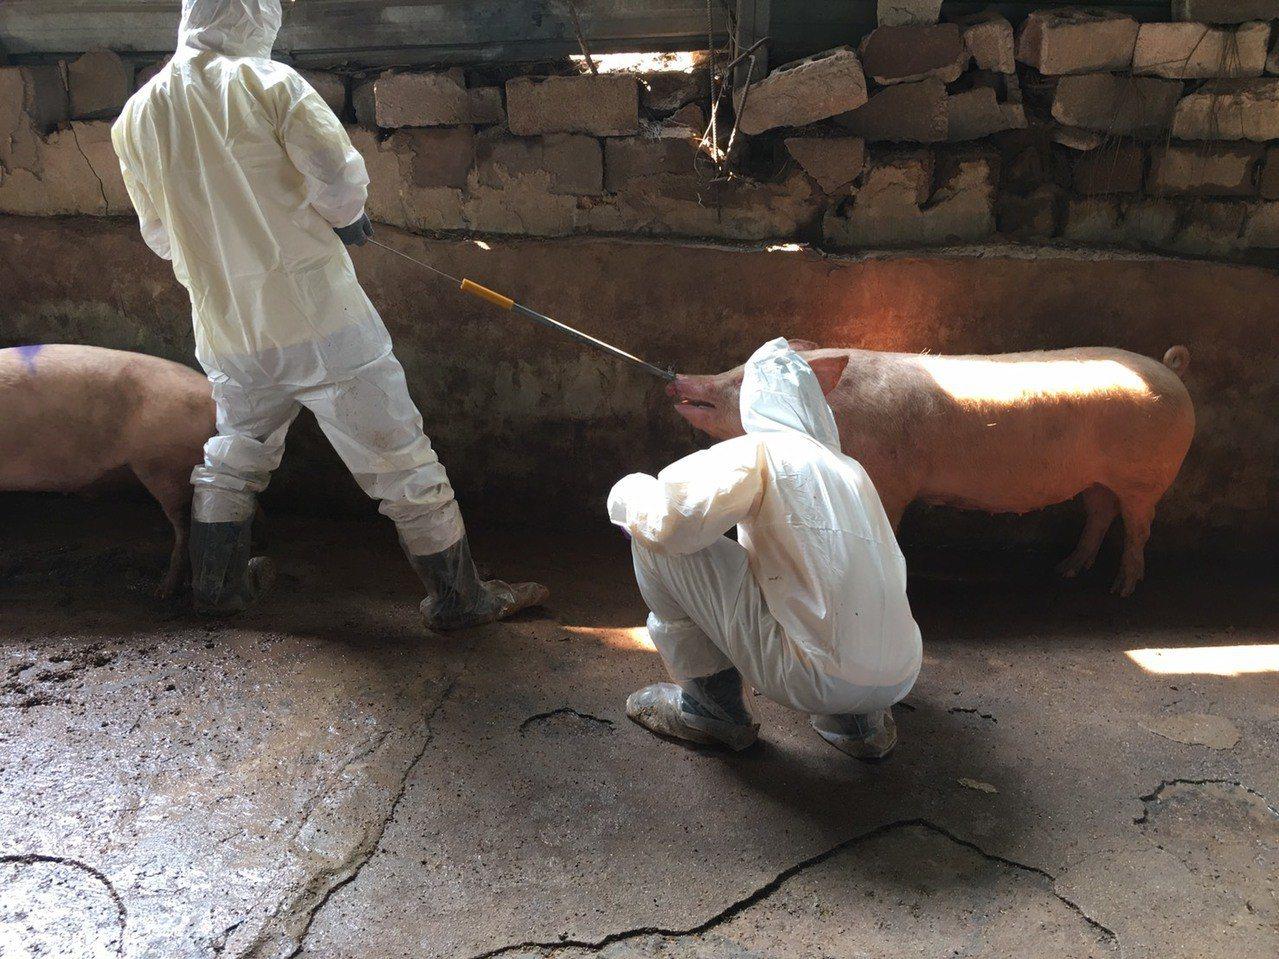 金門縣防疫所針對發現海漂豬的周邊海域3公里範圍內的6個養豬場進行訪視,並抽取血液...